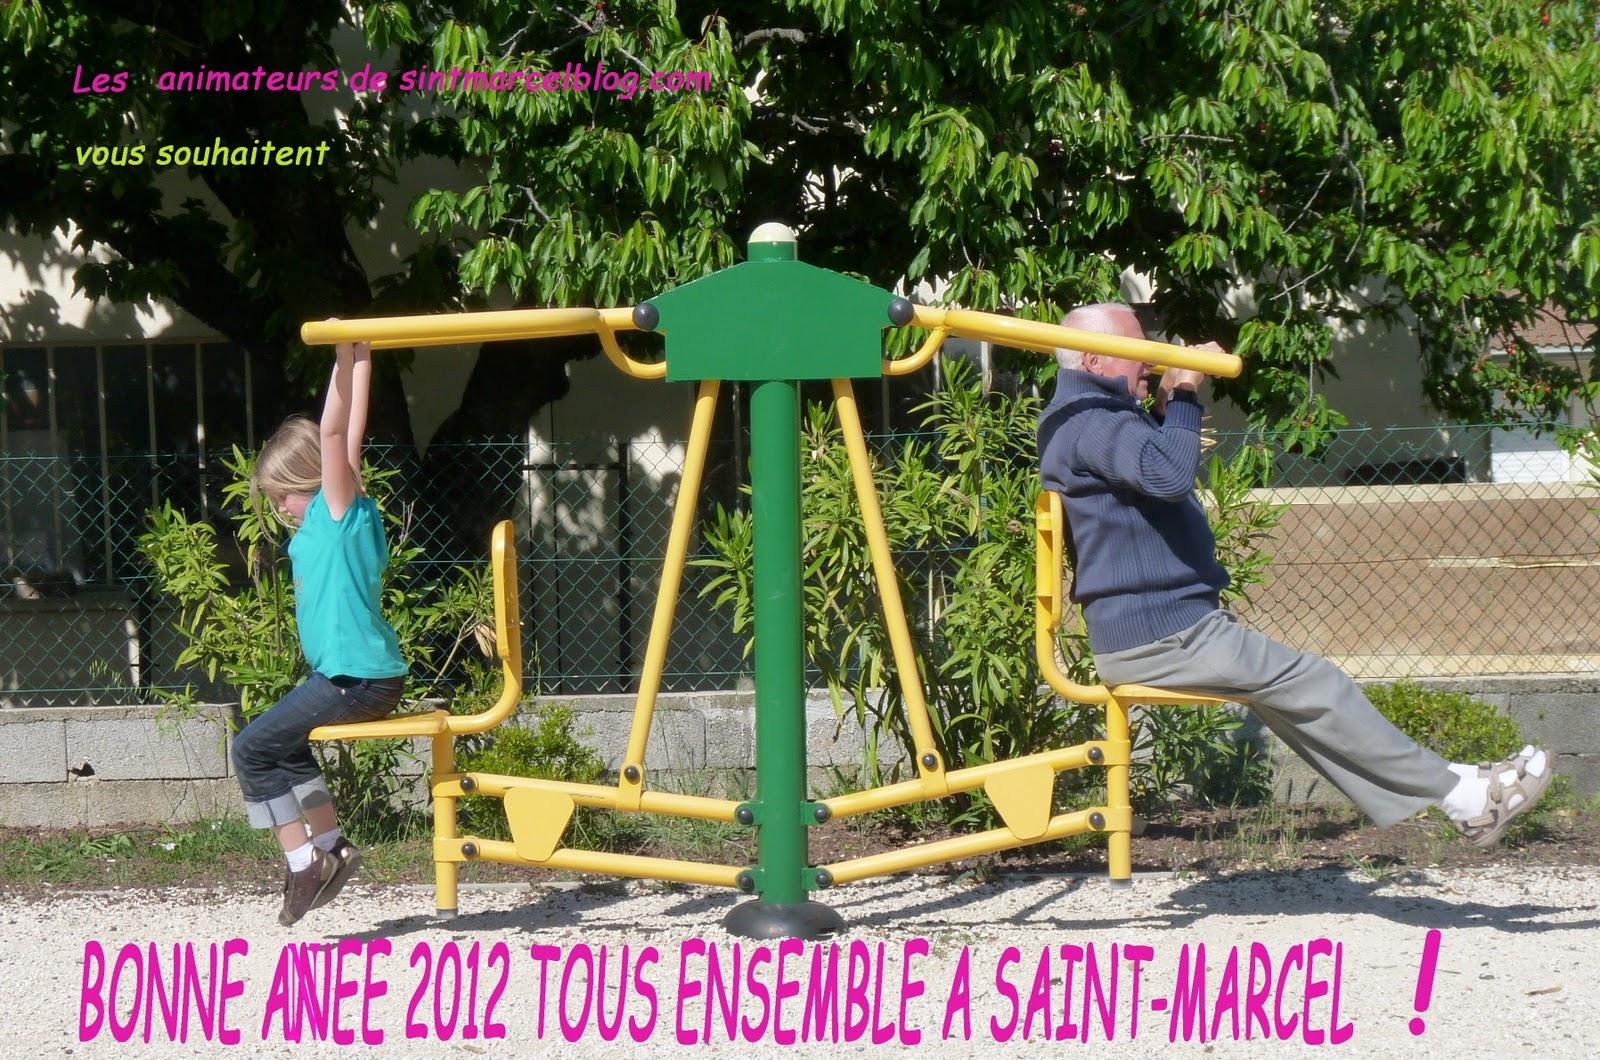 Le blog de st marcel l s valence saint marcel - Castorama saint marcel les valence ...